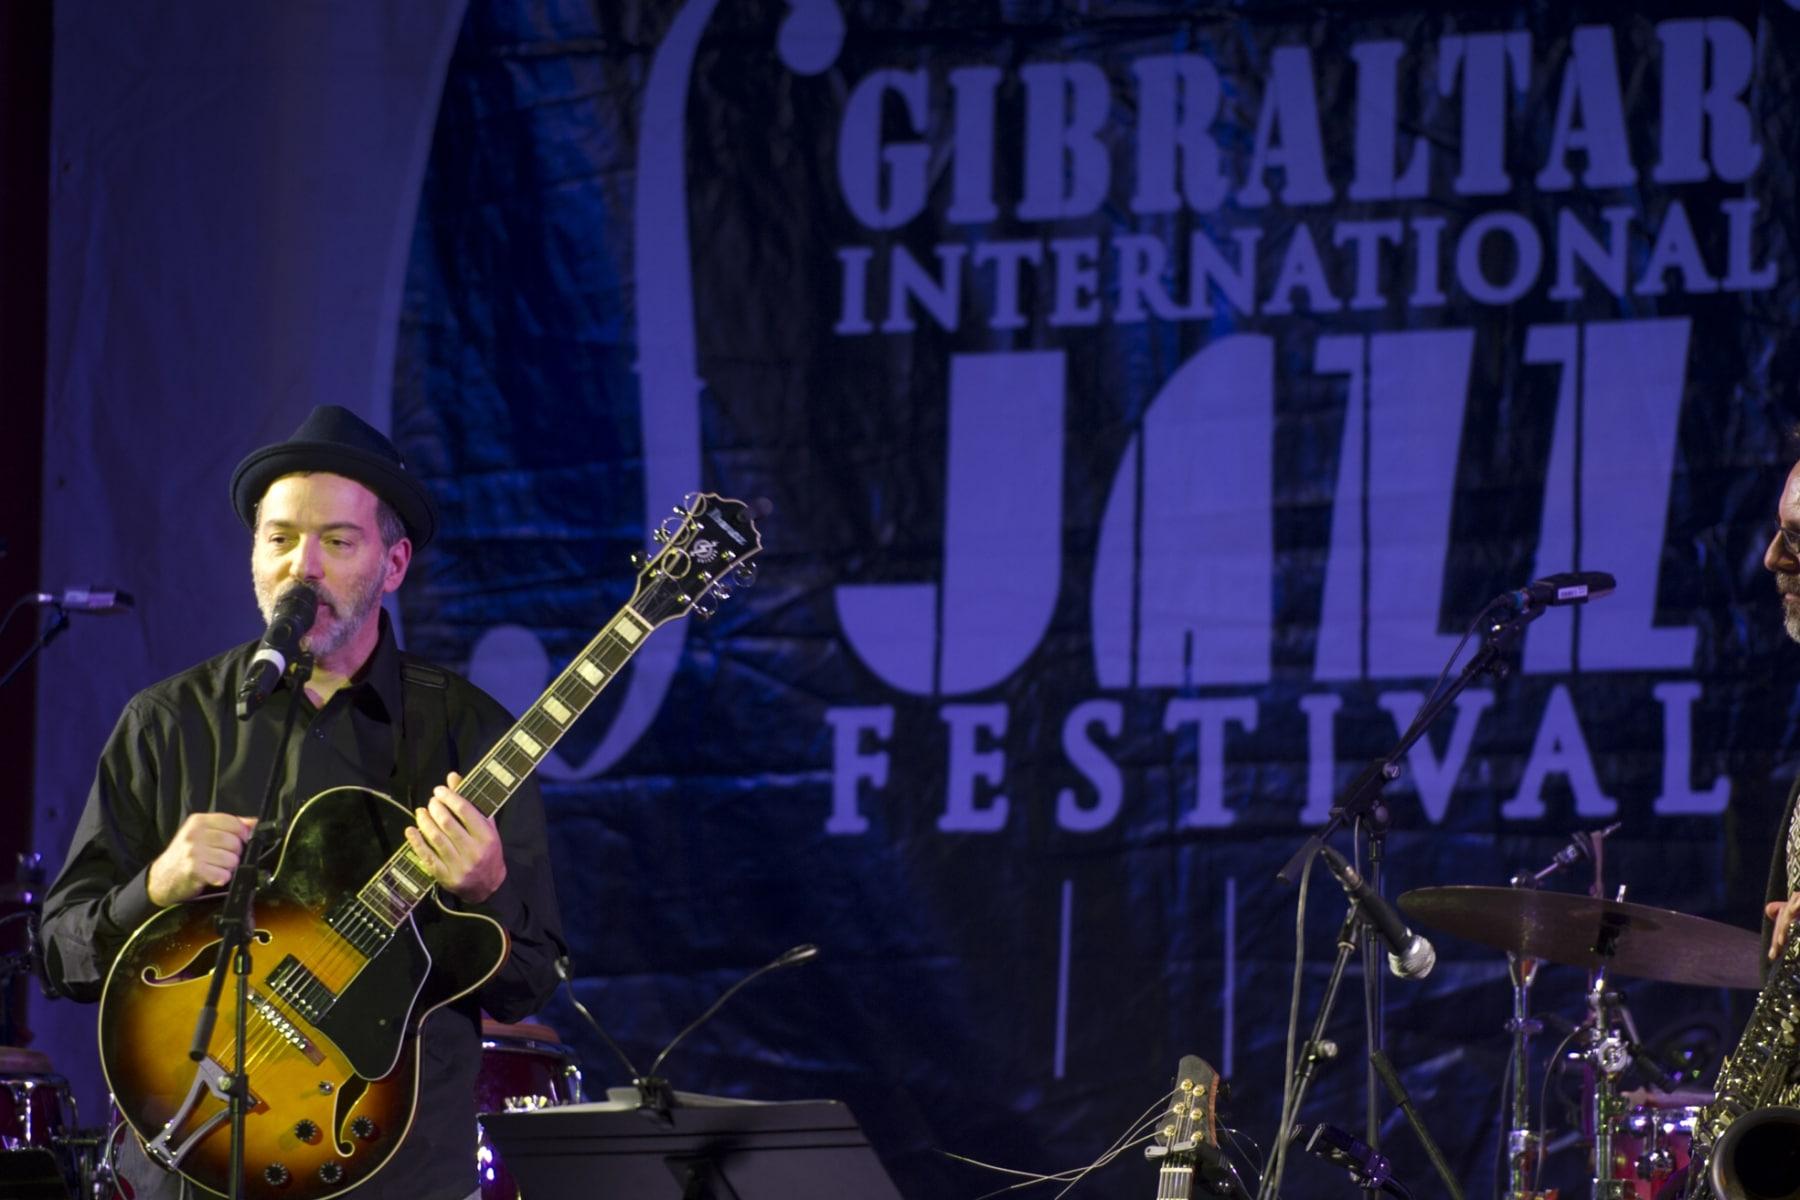 festival-internacional-de-jazz-gibraltar-25102014-24_15630989825_o